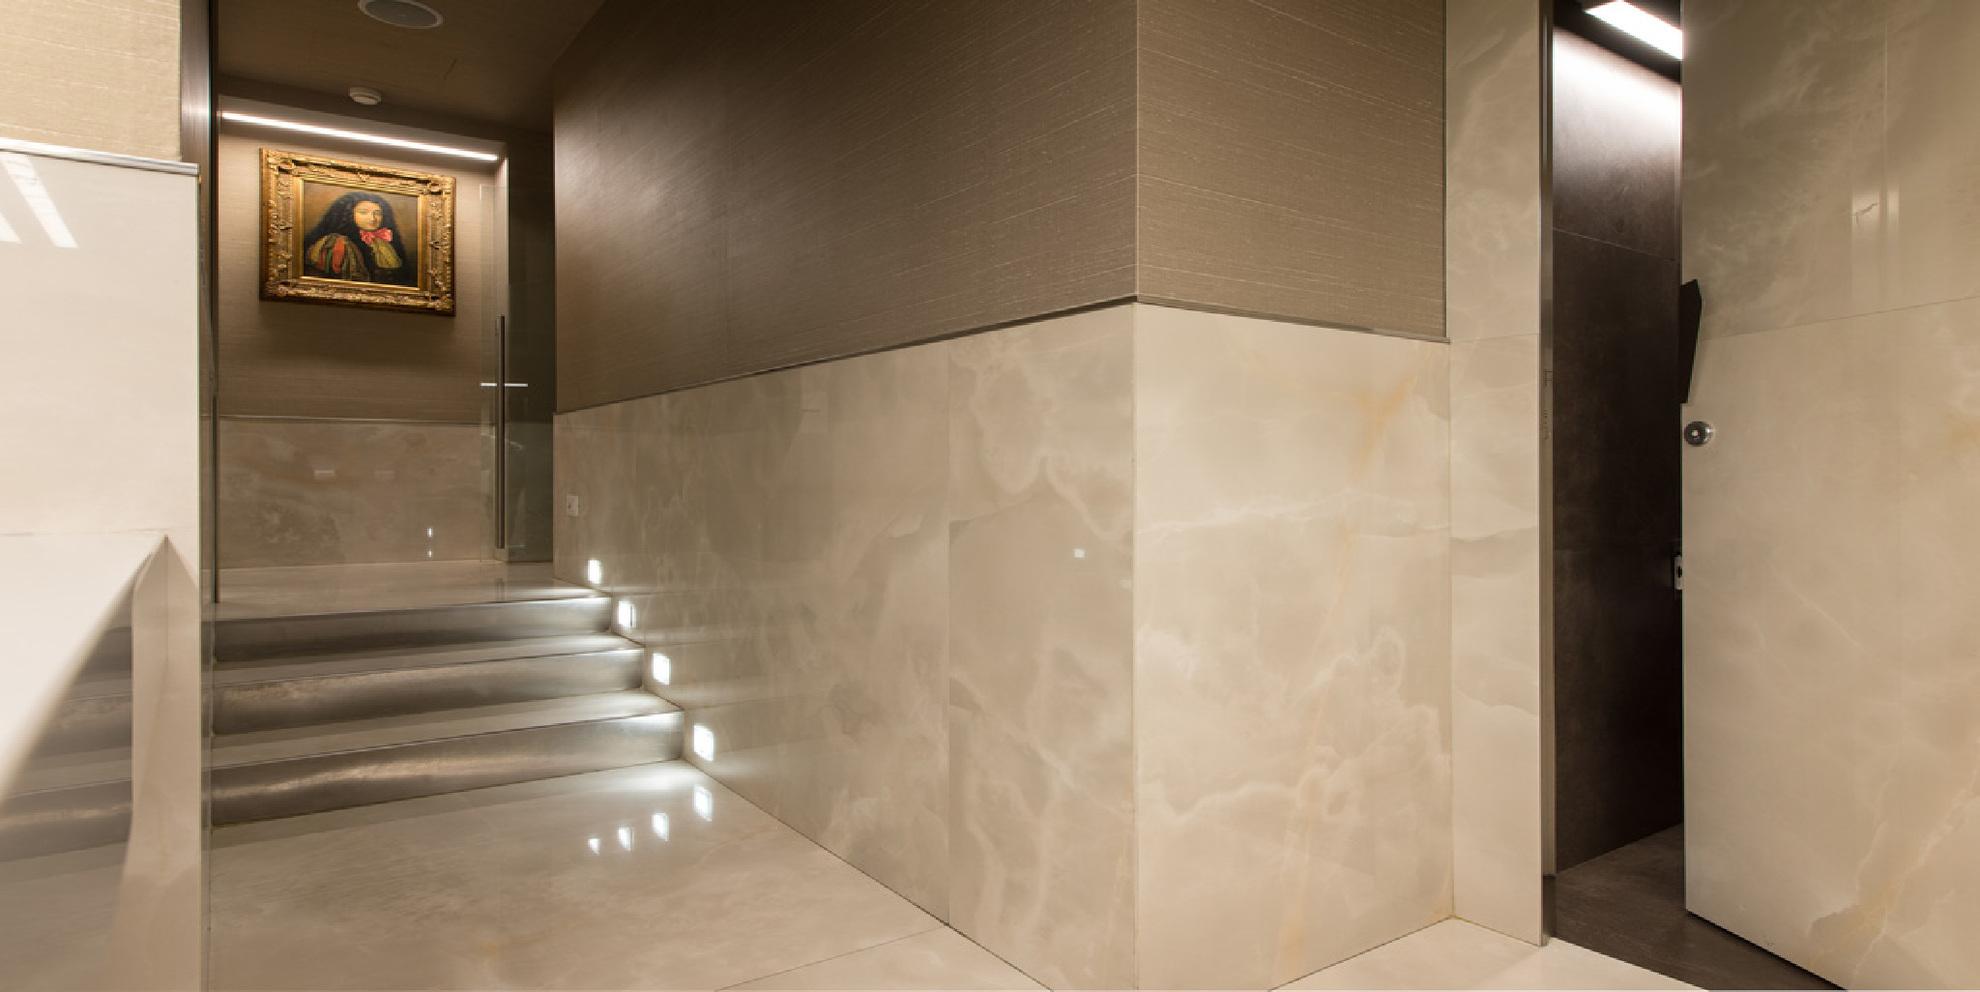 Piastrelle grandi formati effetto marmo superfici e innovazione - Piastrelle effetto marmo ...